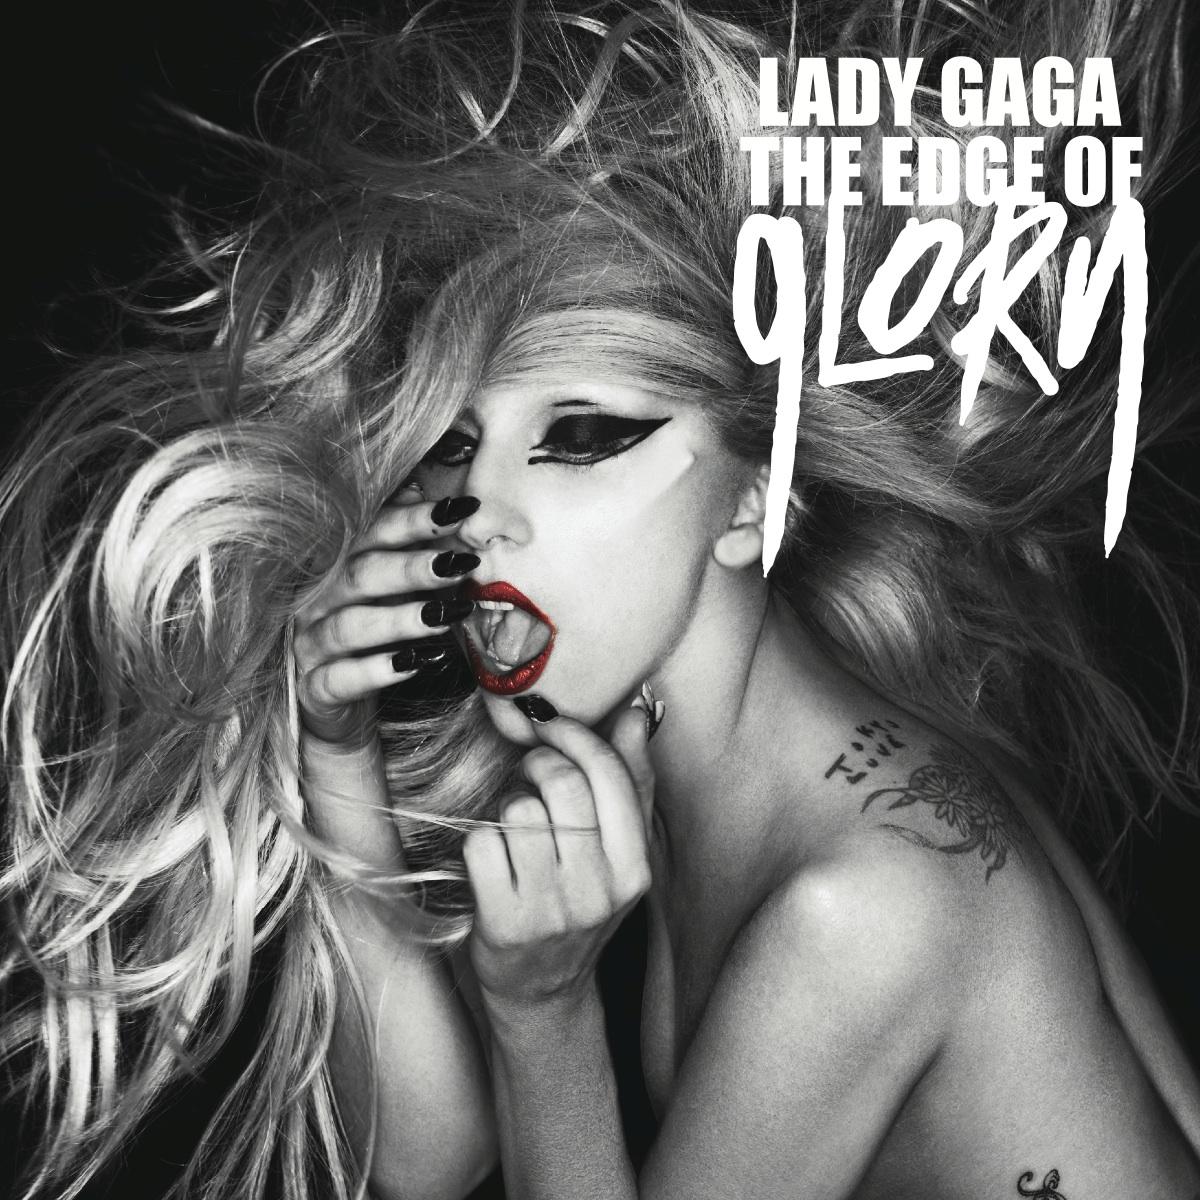 lady gaga on soundtrack edge of glory